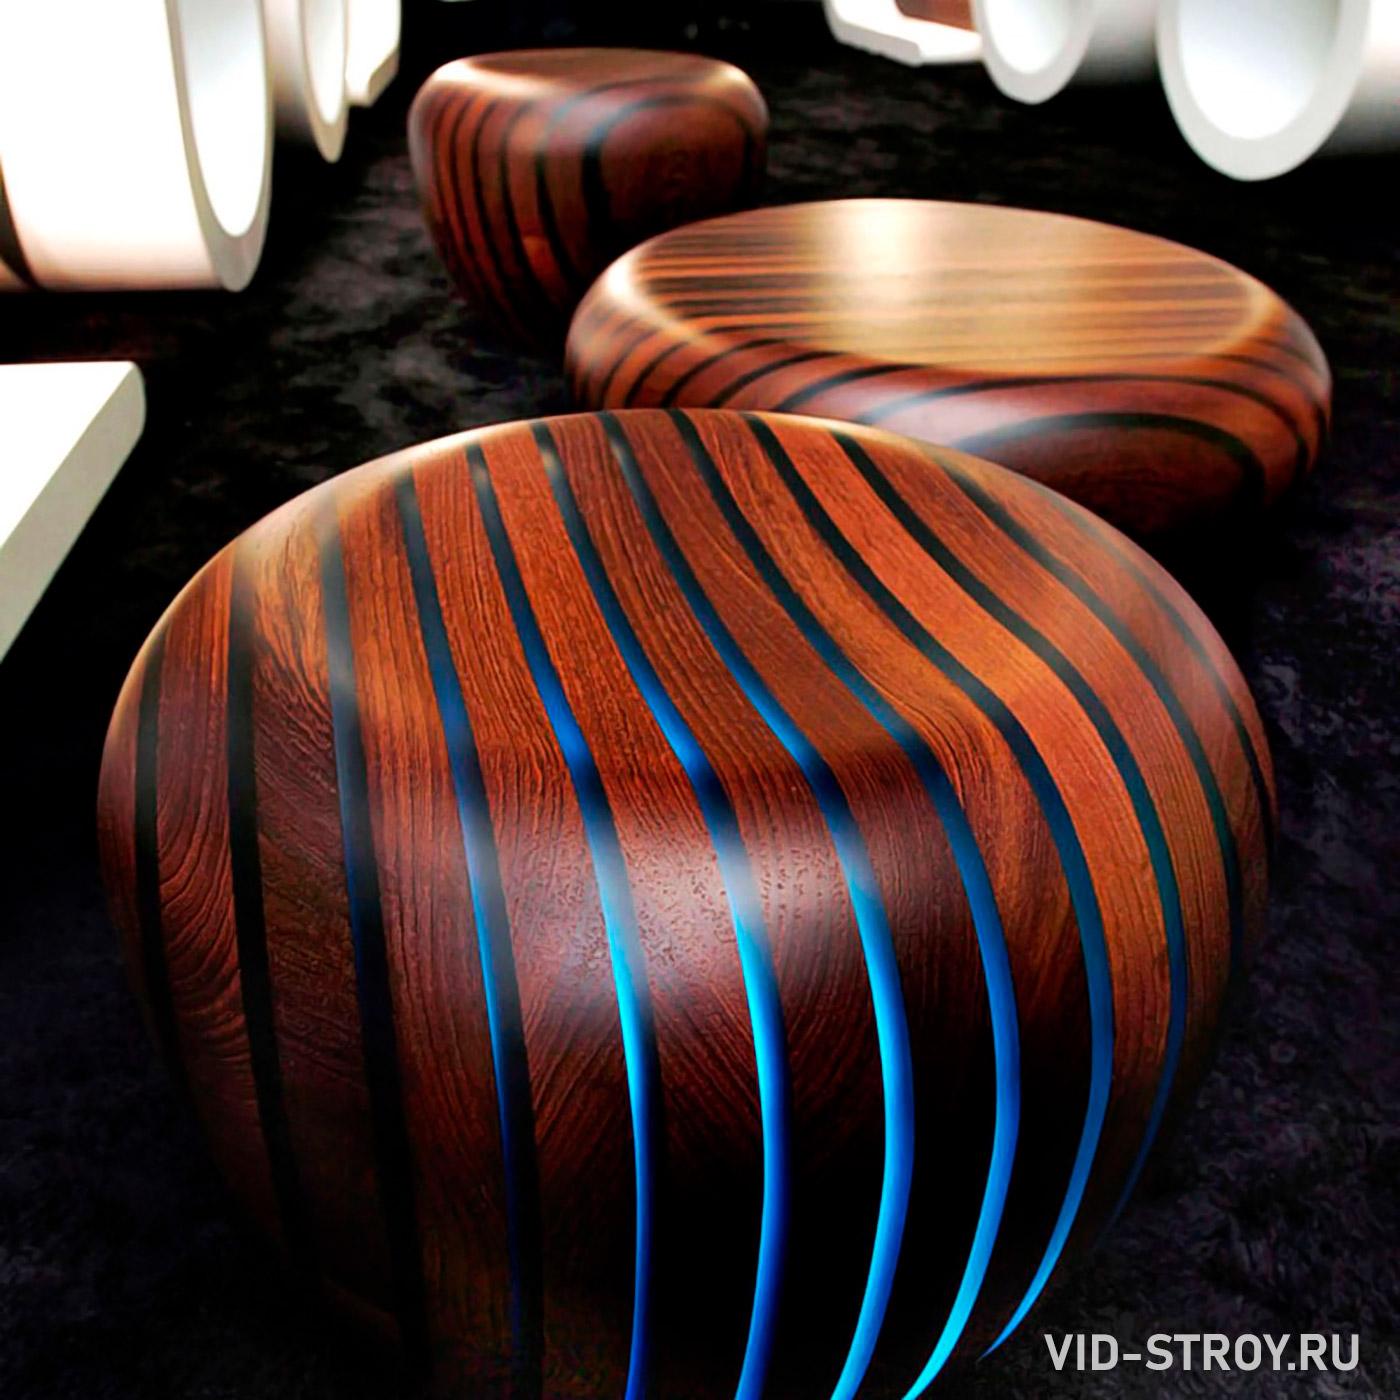 обувной стул из дерева и эпоксидной смолы